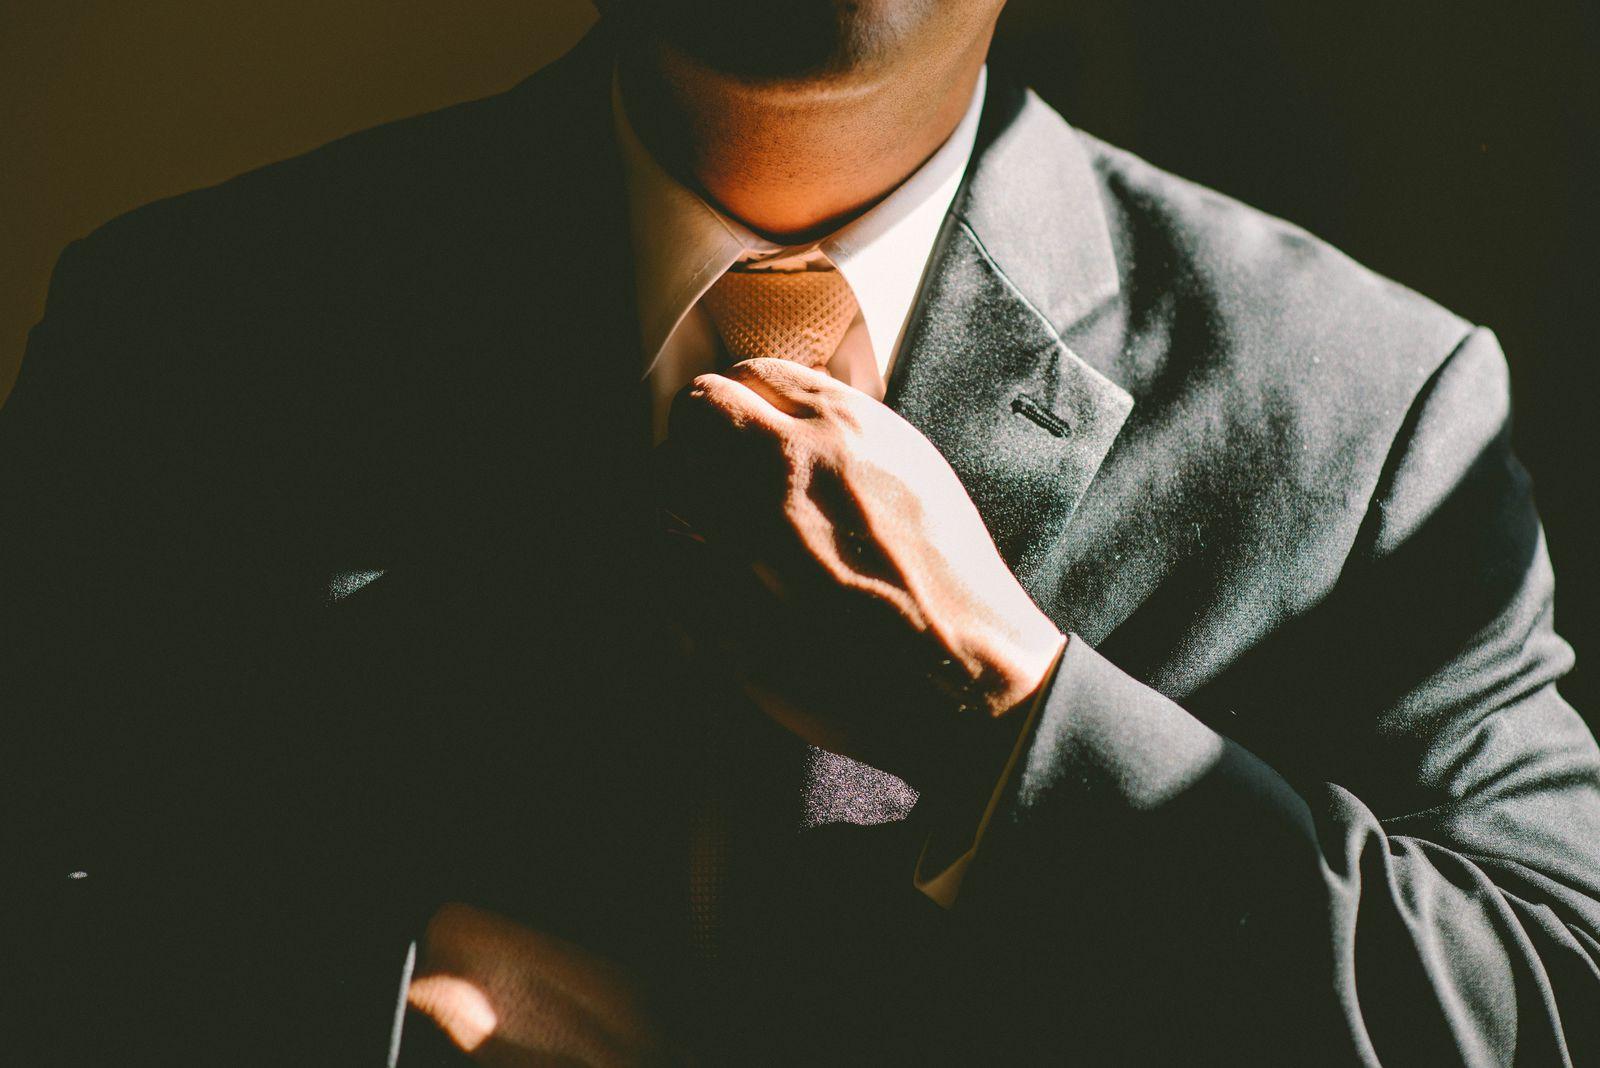 10 Essential Leadership Skills